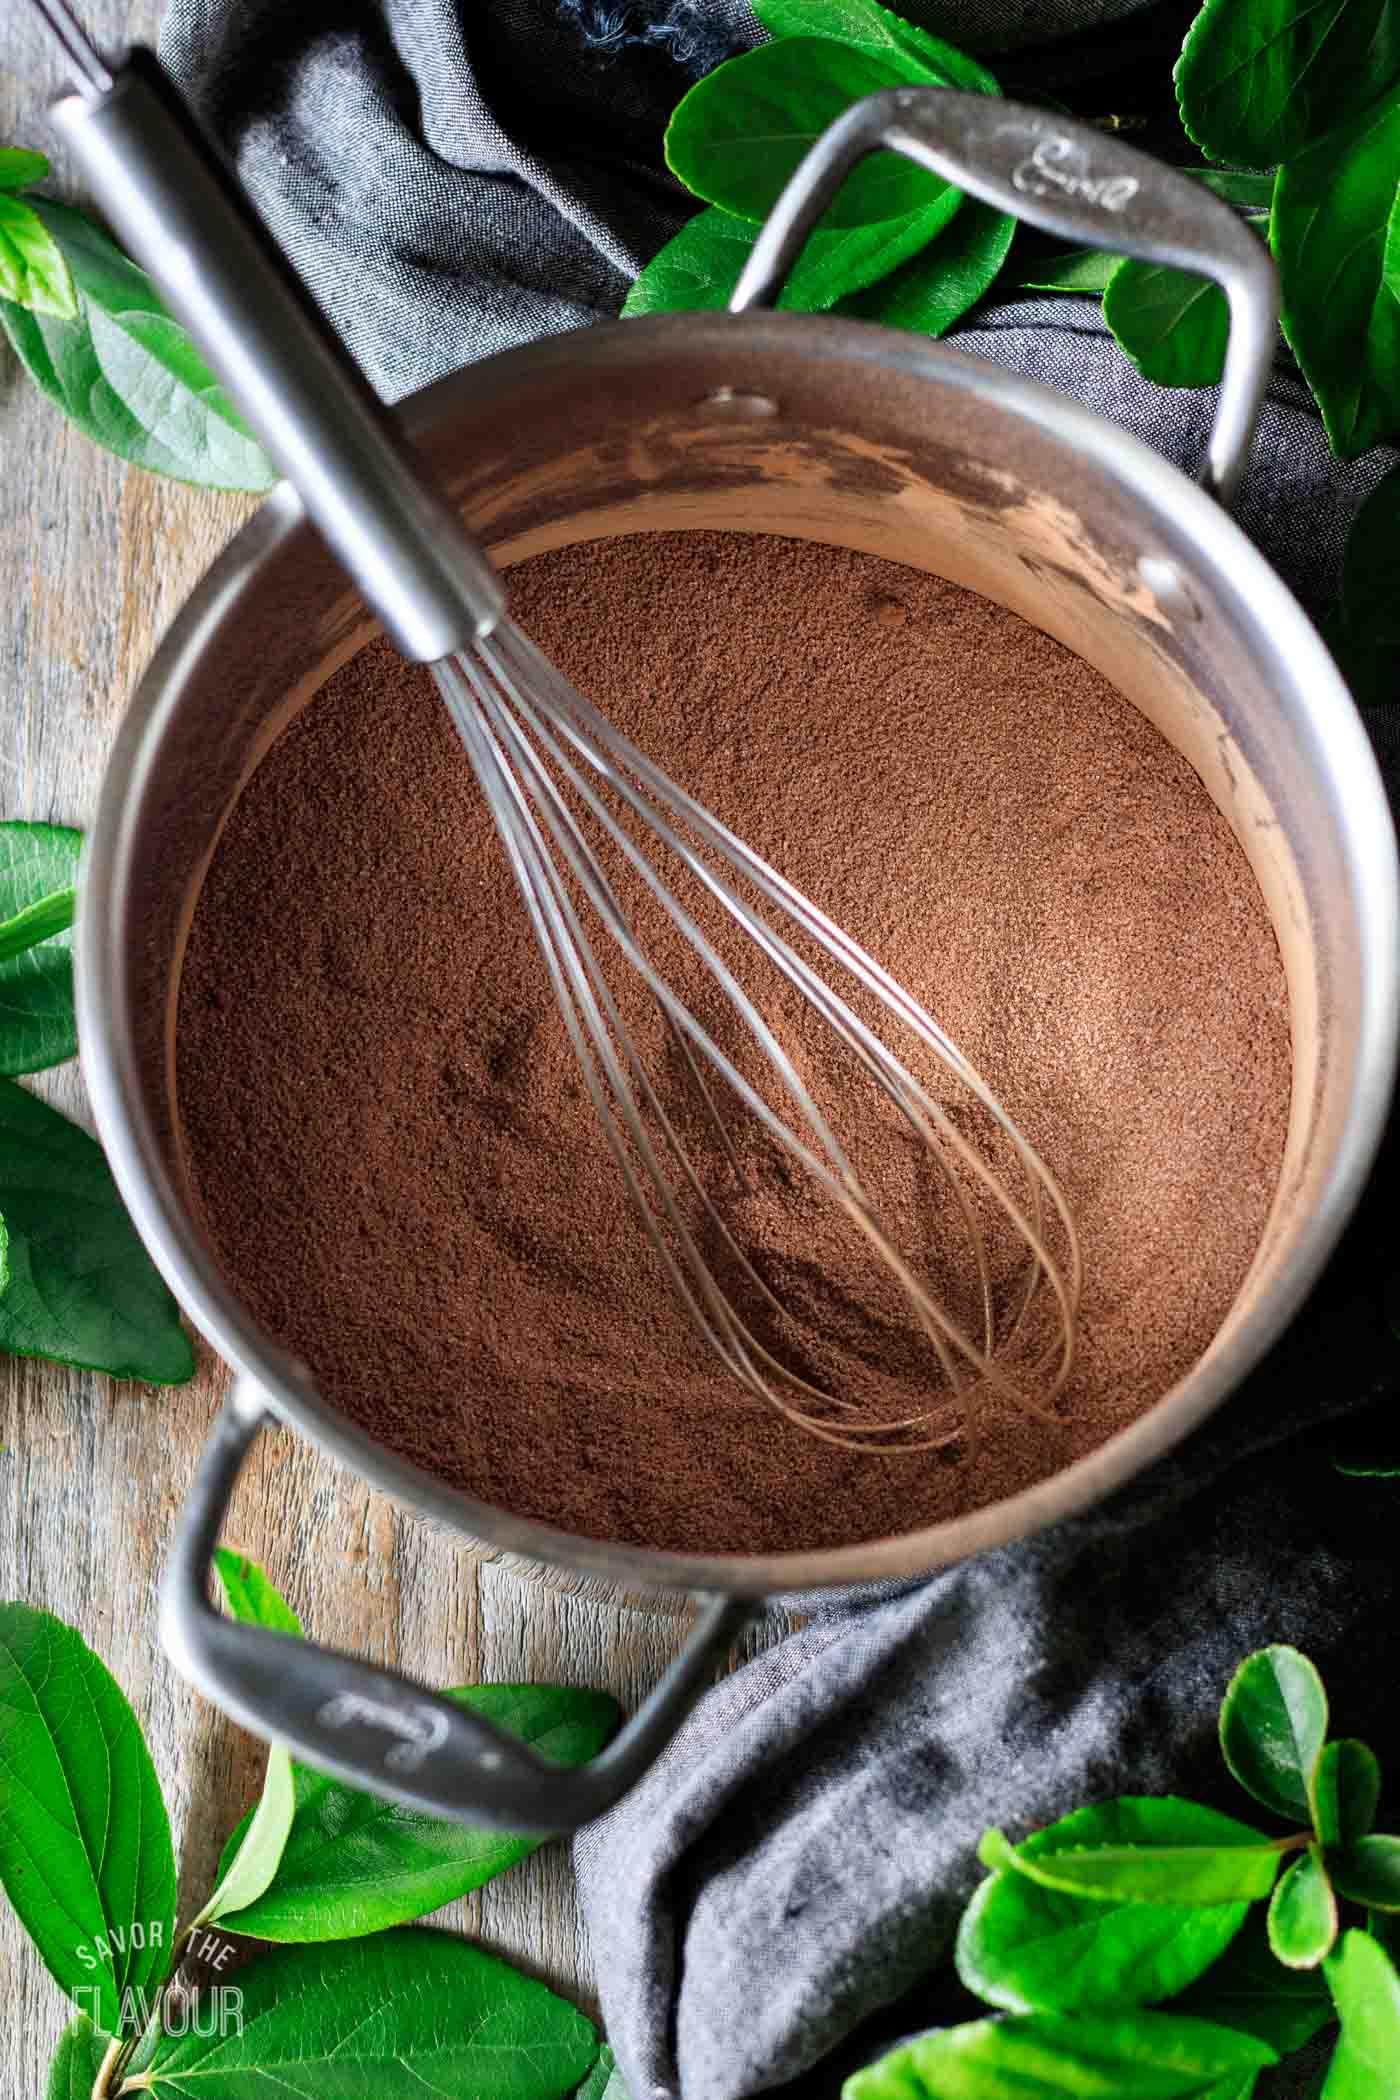 whisked cocoa powder and sugar mixture